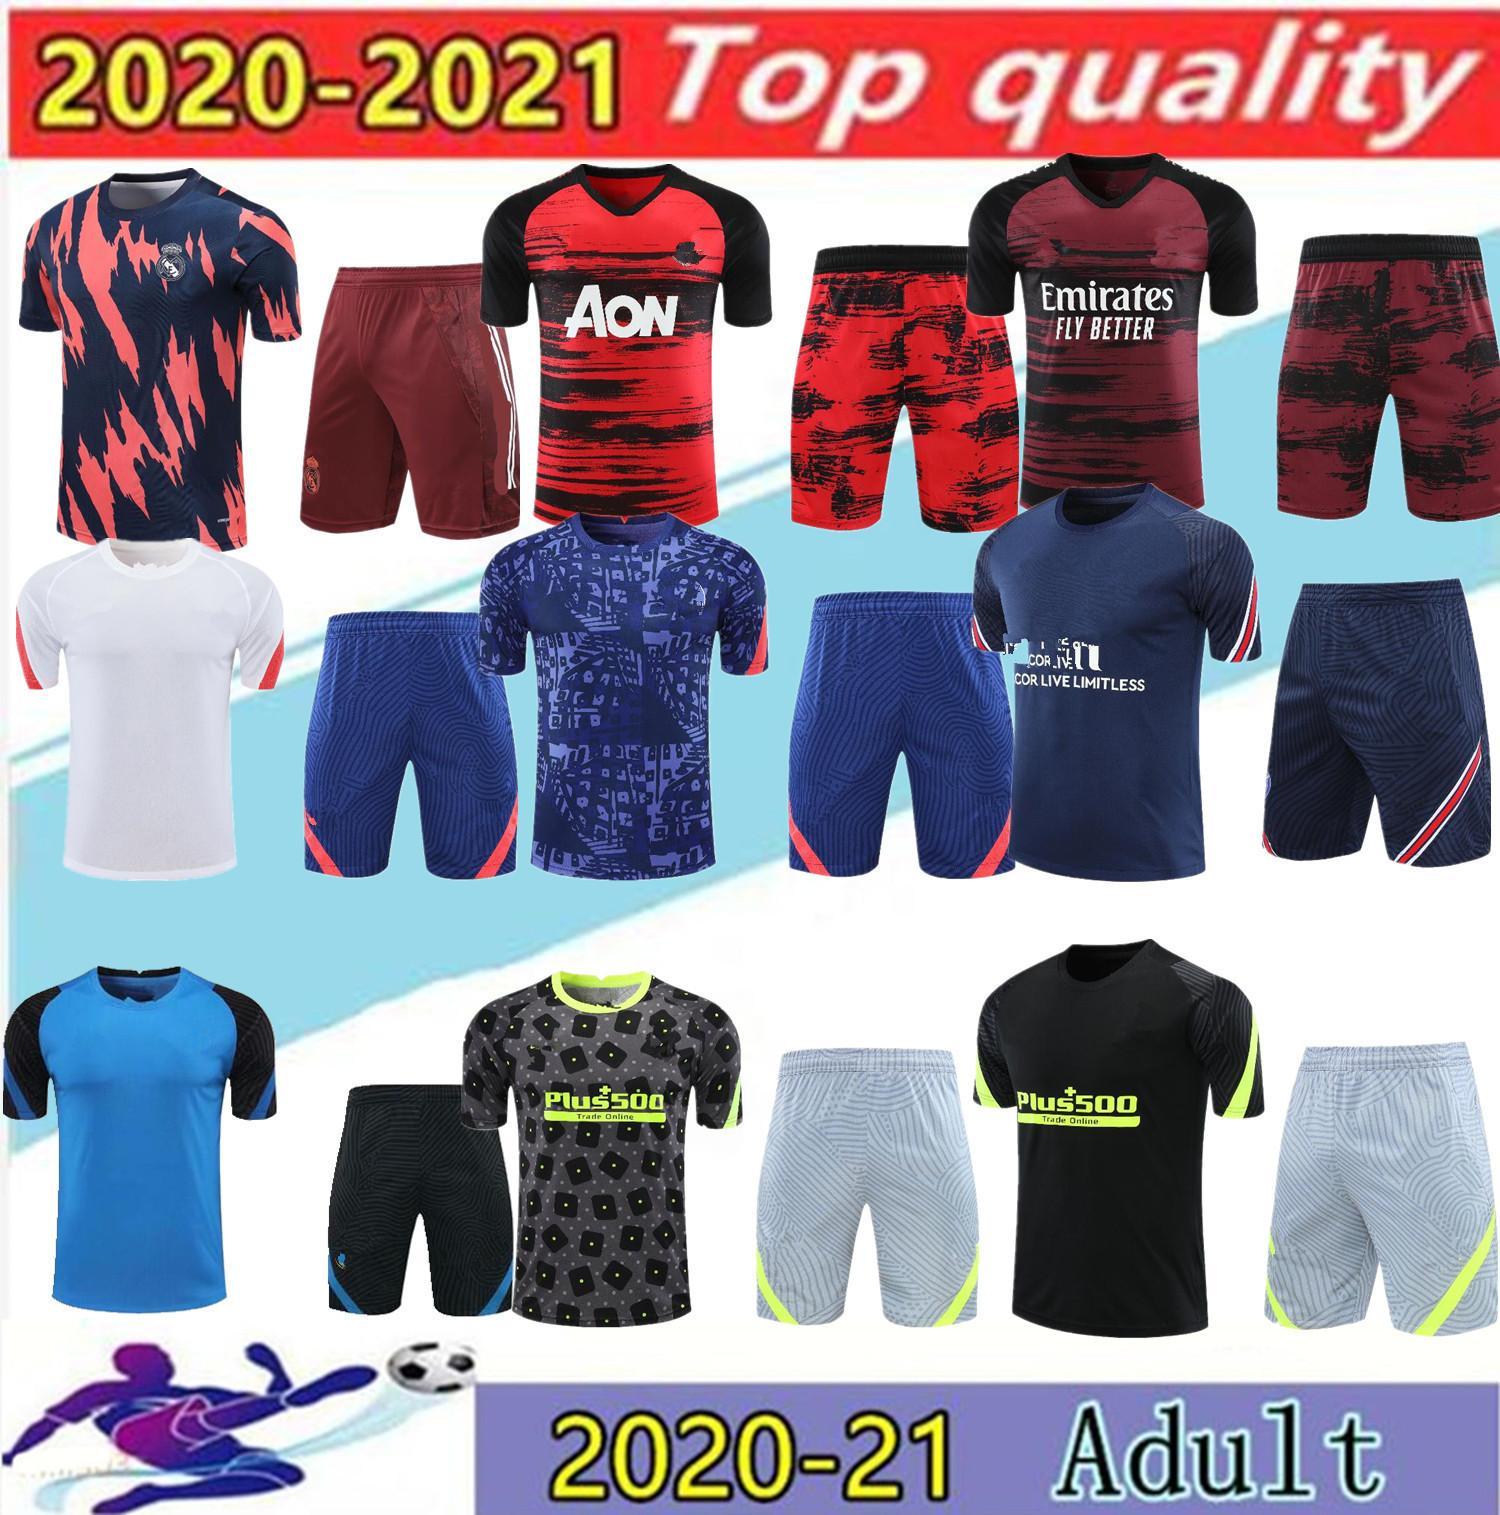 2020 레알 마드리드 파리 축구 키트 MBappe Tracksuit 20/21 파리 에어 Jordam 3/4 Survetement 축구 슈트 스포츠웨어